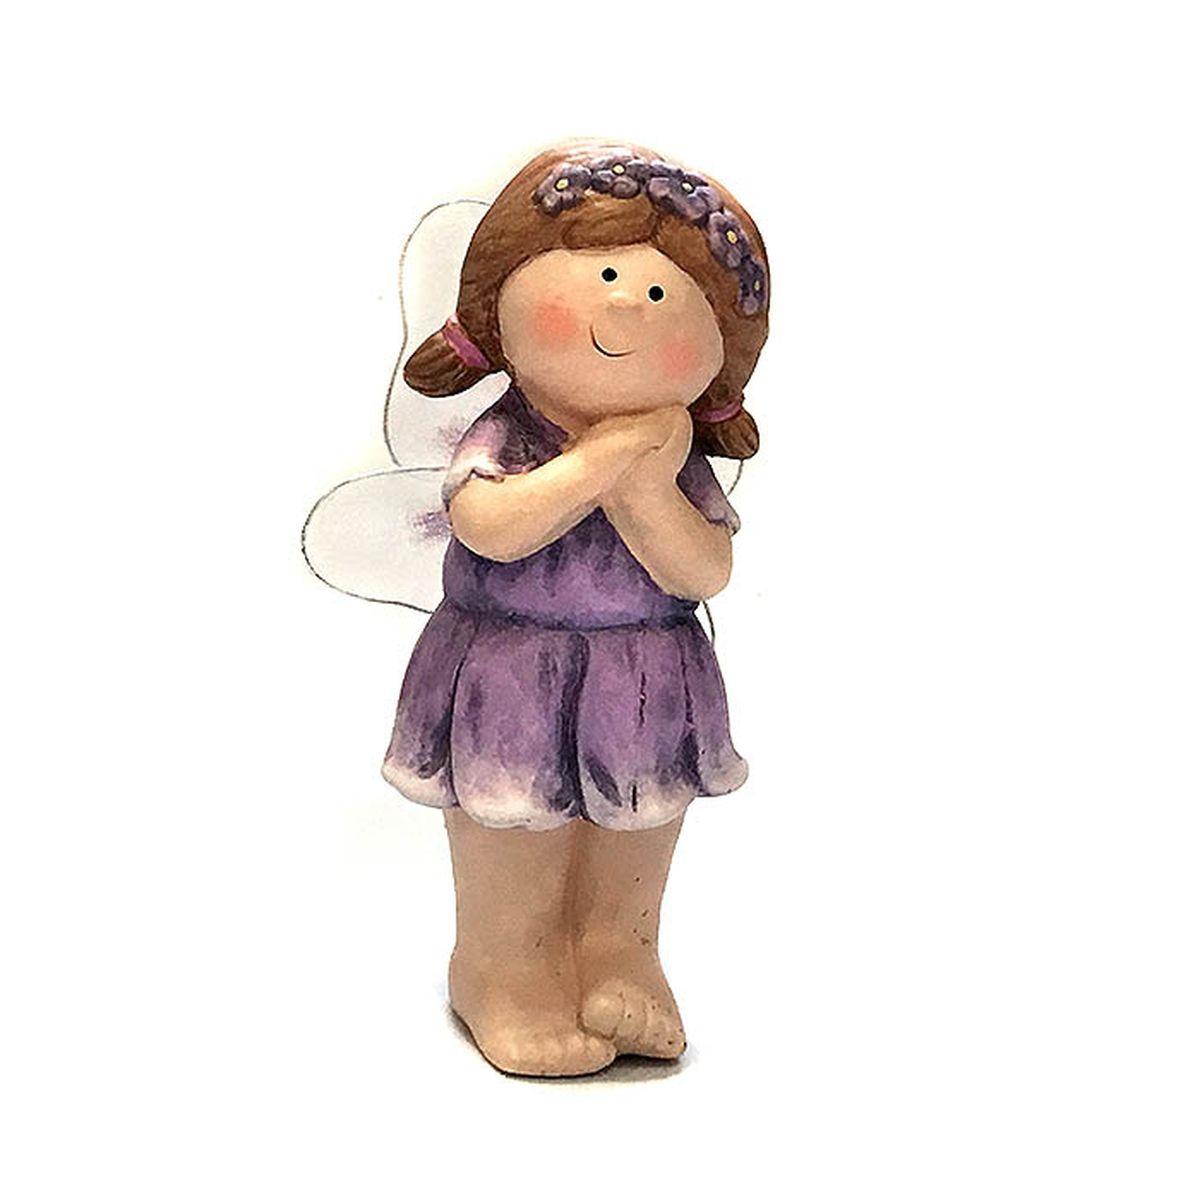 Фигурка декоративная Village People Задумчивая фея, фиолетовый, коричневый, 17 х 5 х 5 см цены онлайн